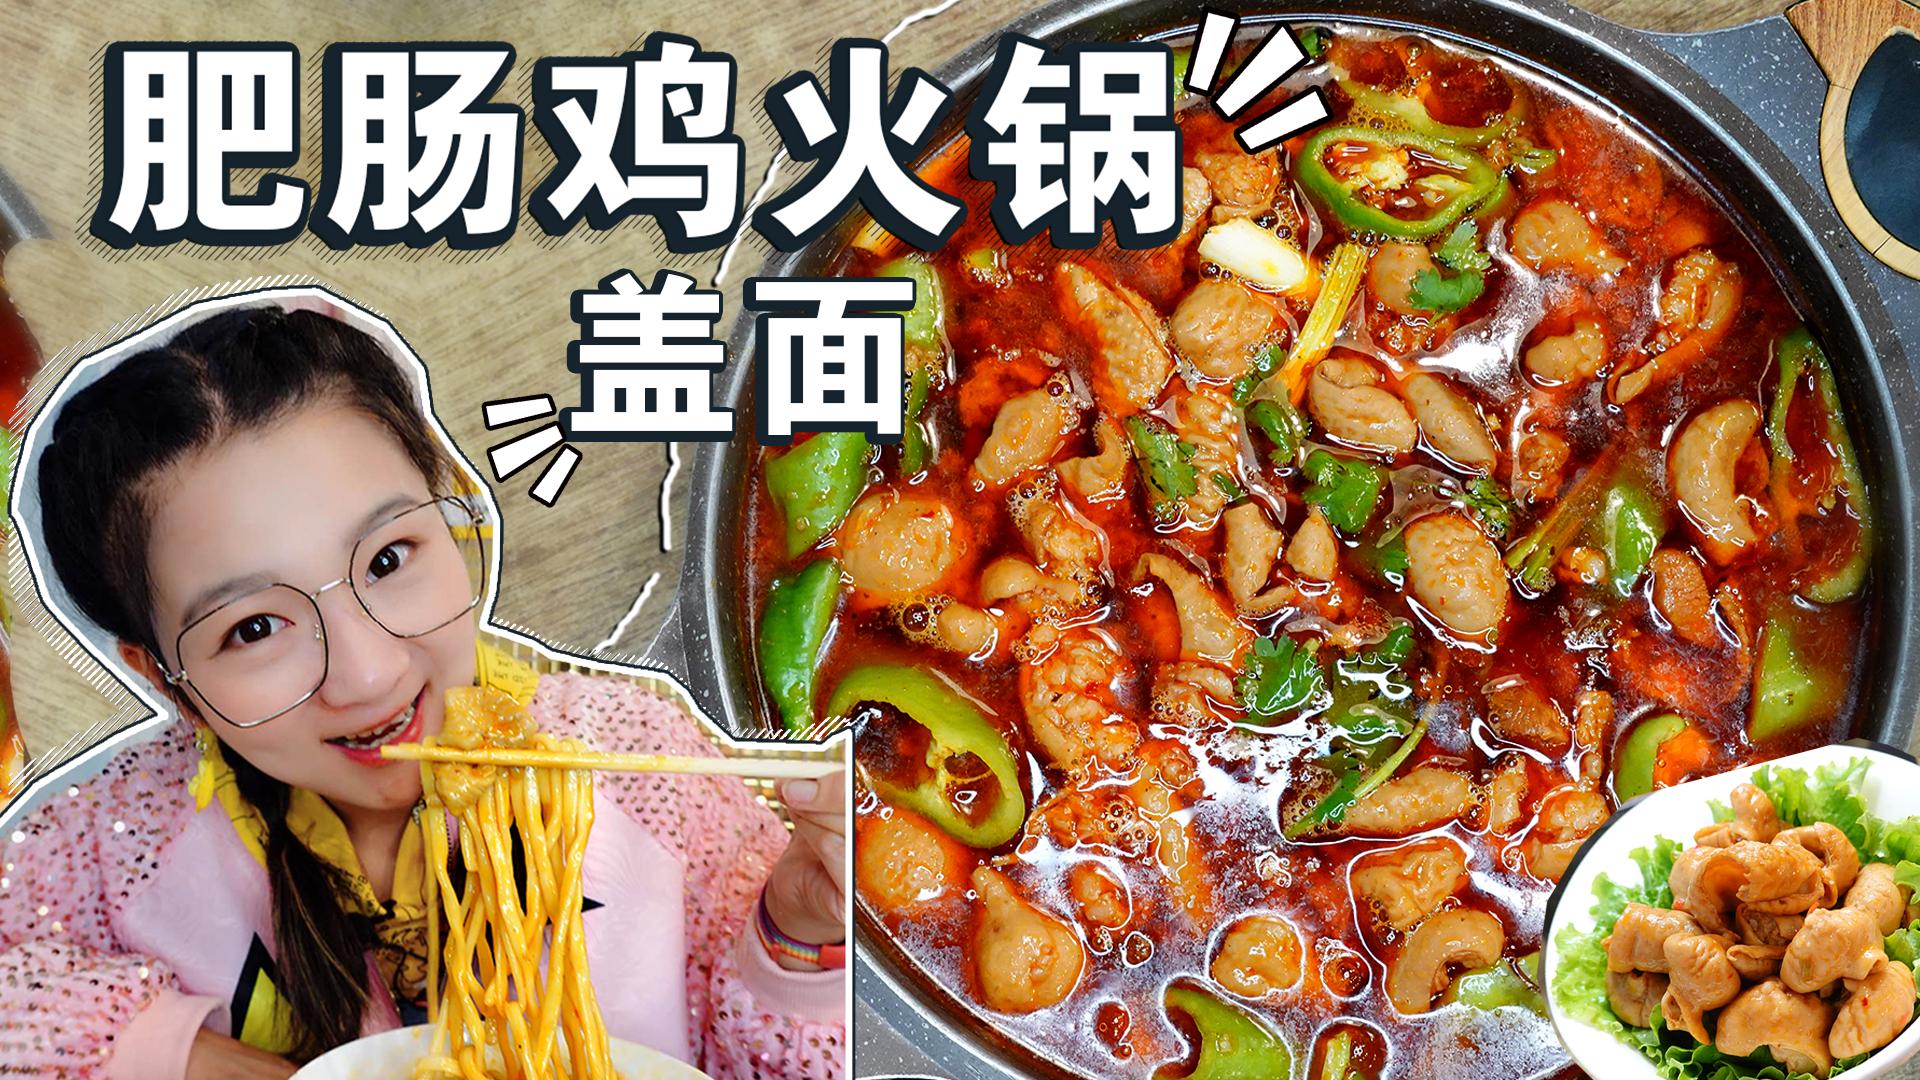 """【逛吃北京】鼓楼东大街隐藏菜单""""肥肠鸡"""",大口吃肥肠好过瘾"""